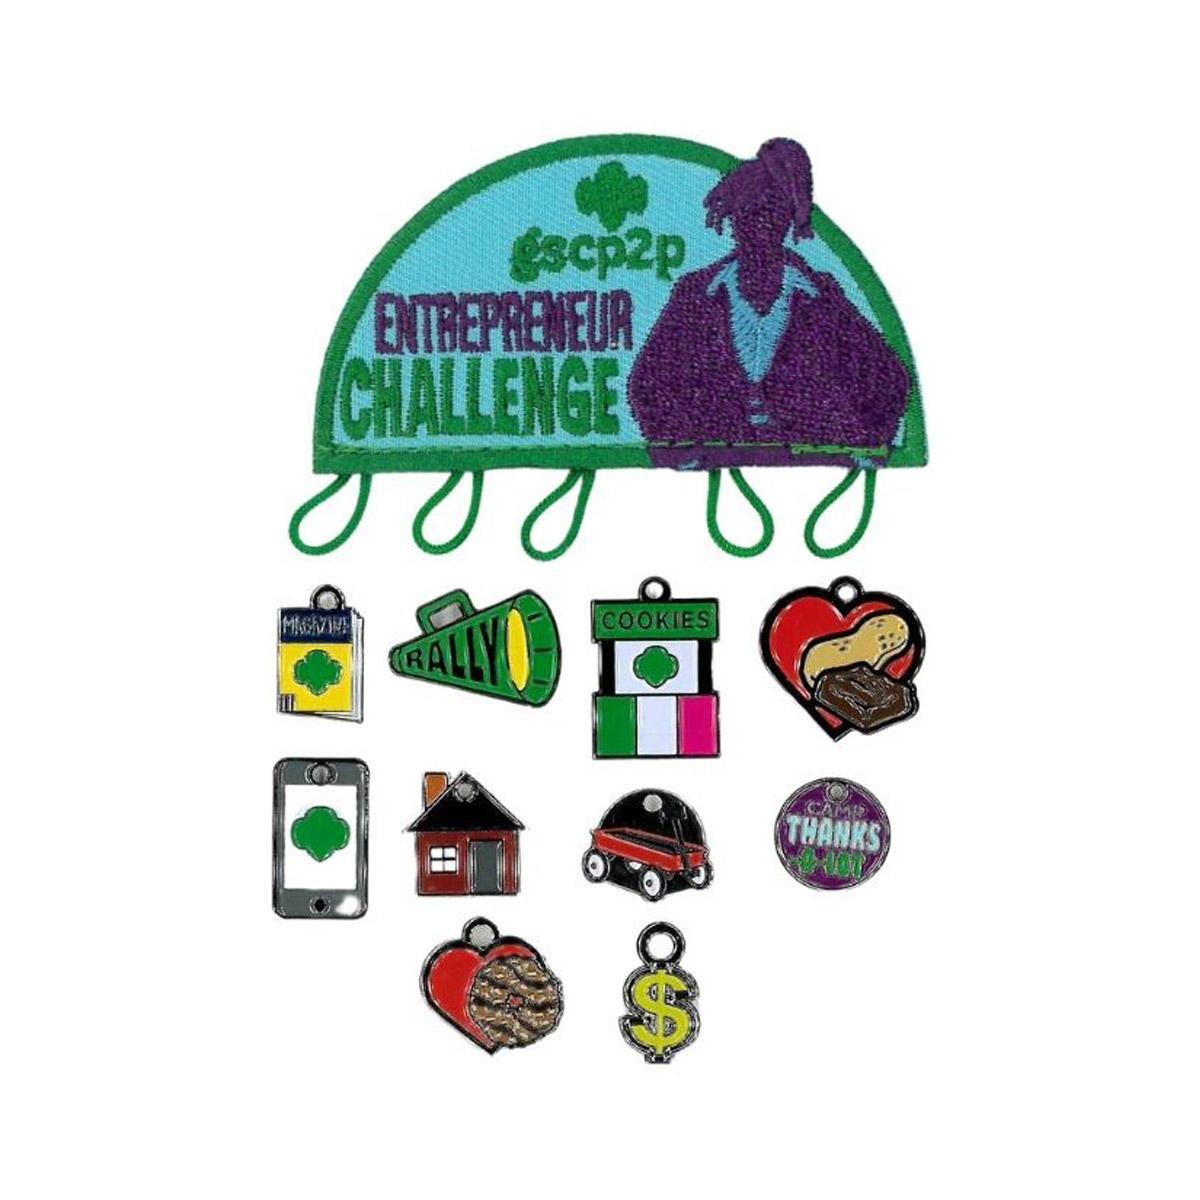 GSCP2P Entrepreneur Challenge Patch